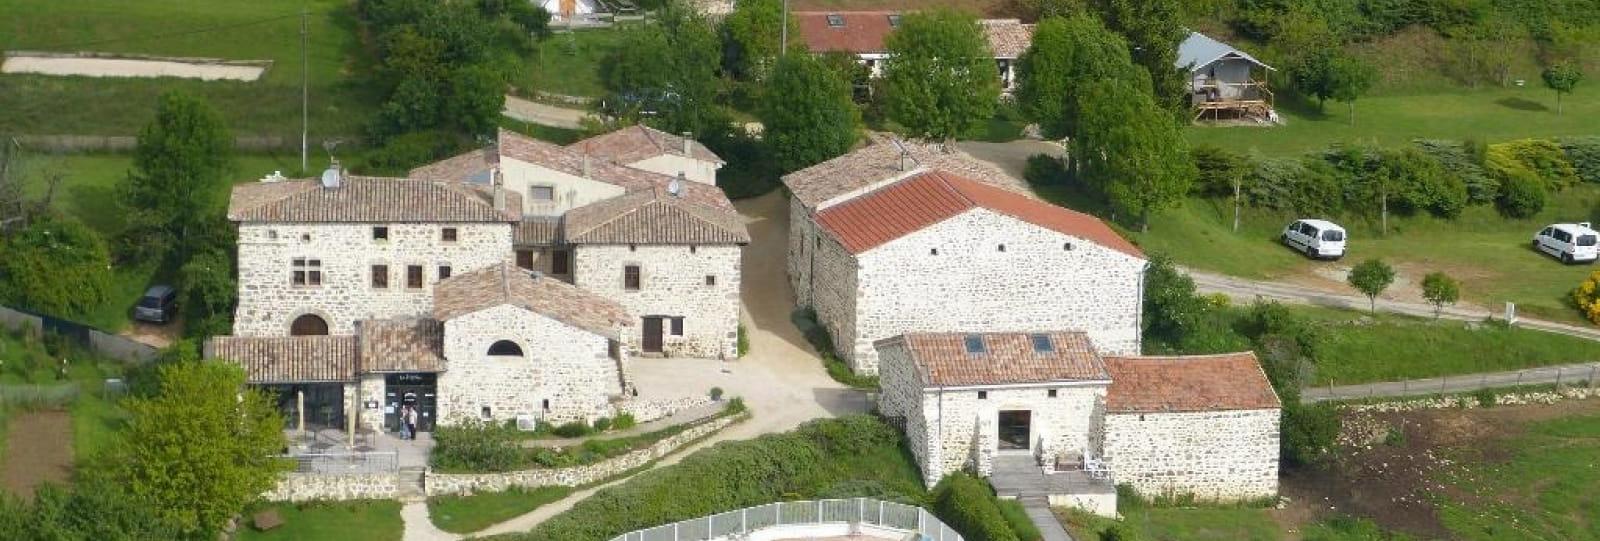 Maison d'hôtes Simondon